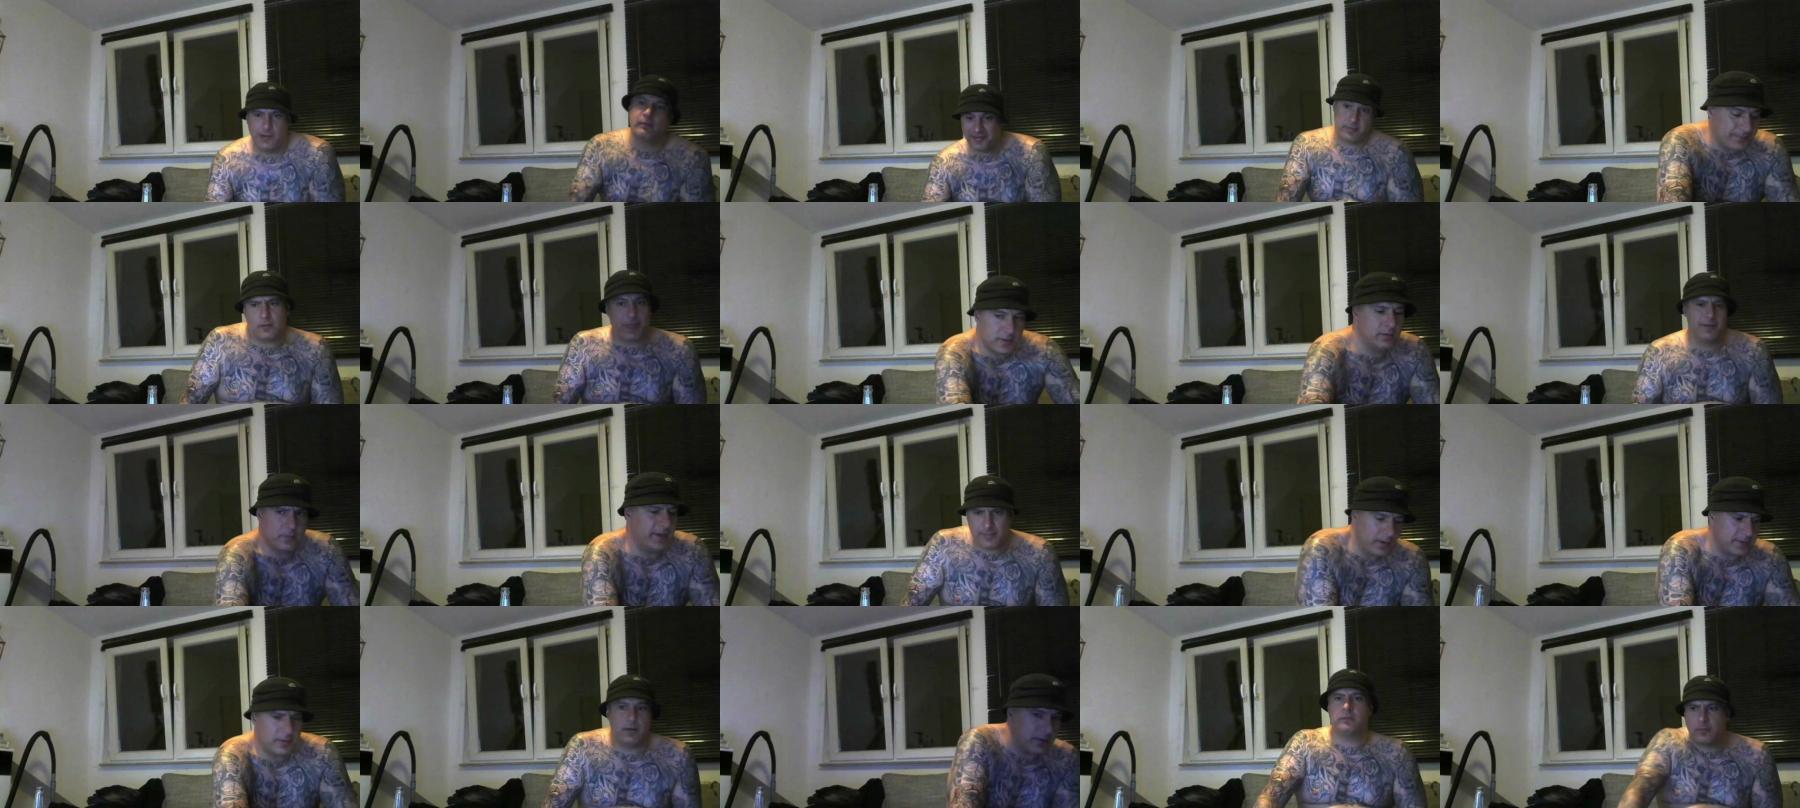 sinalco1975 Video CAM SHOW @ Cam4 21-07-2021